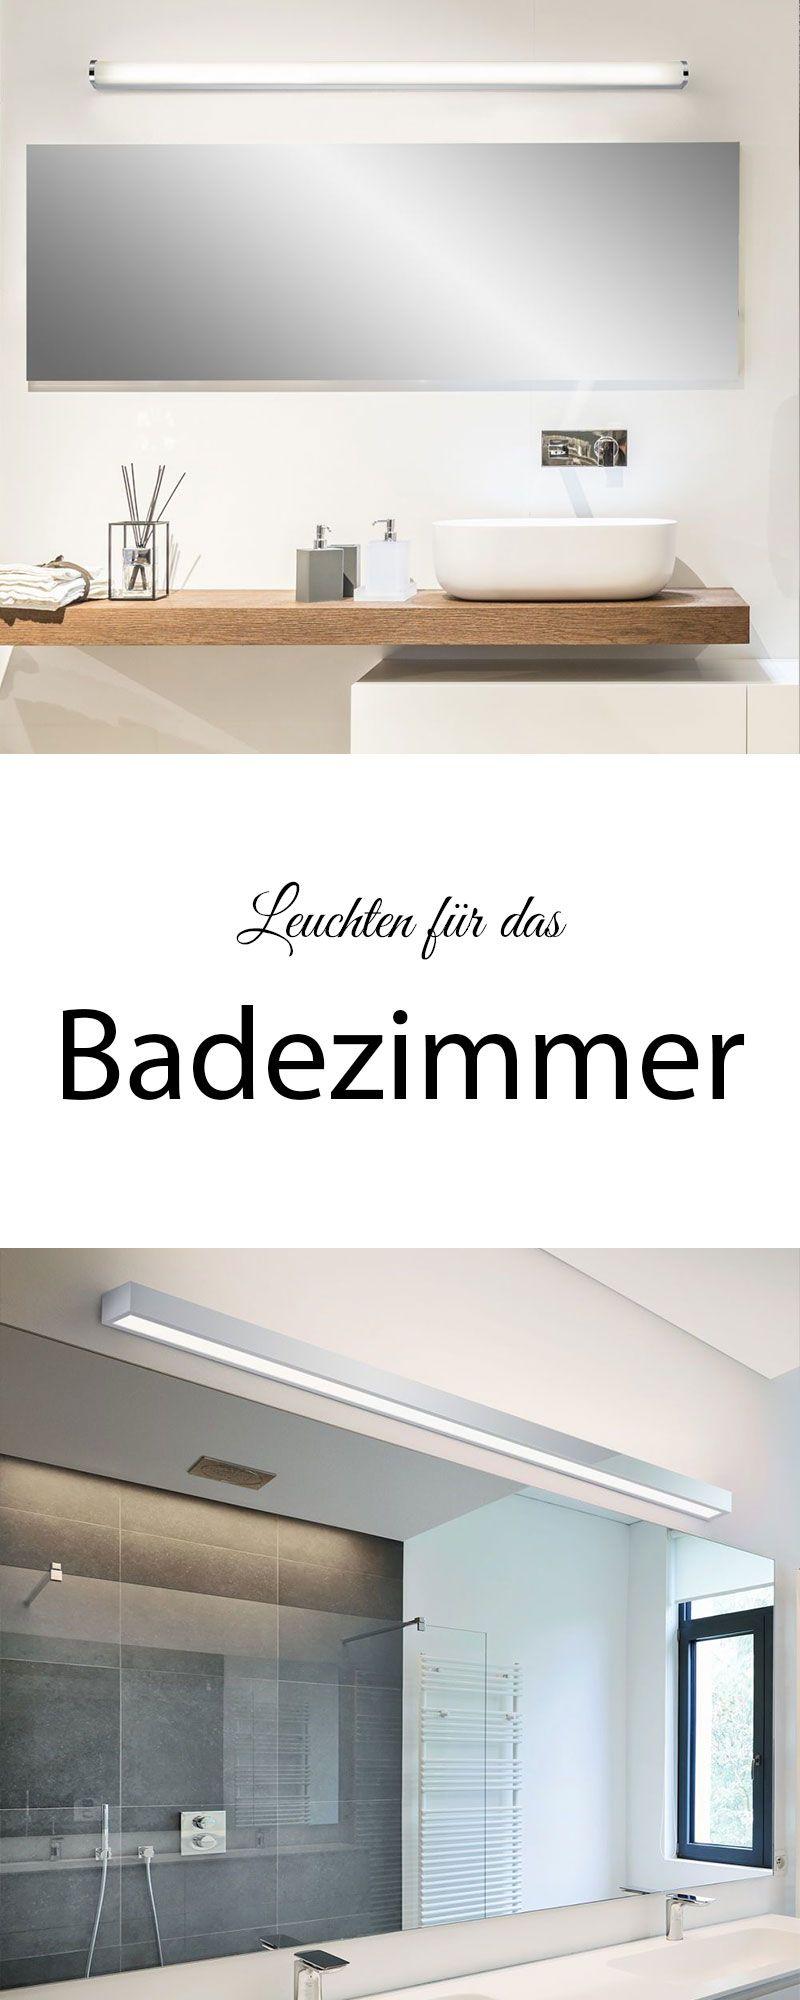 Badezimmer Badezimmer Spiegelleuchte Bad Lampe